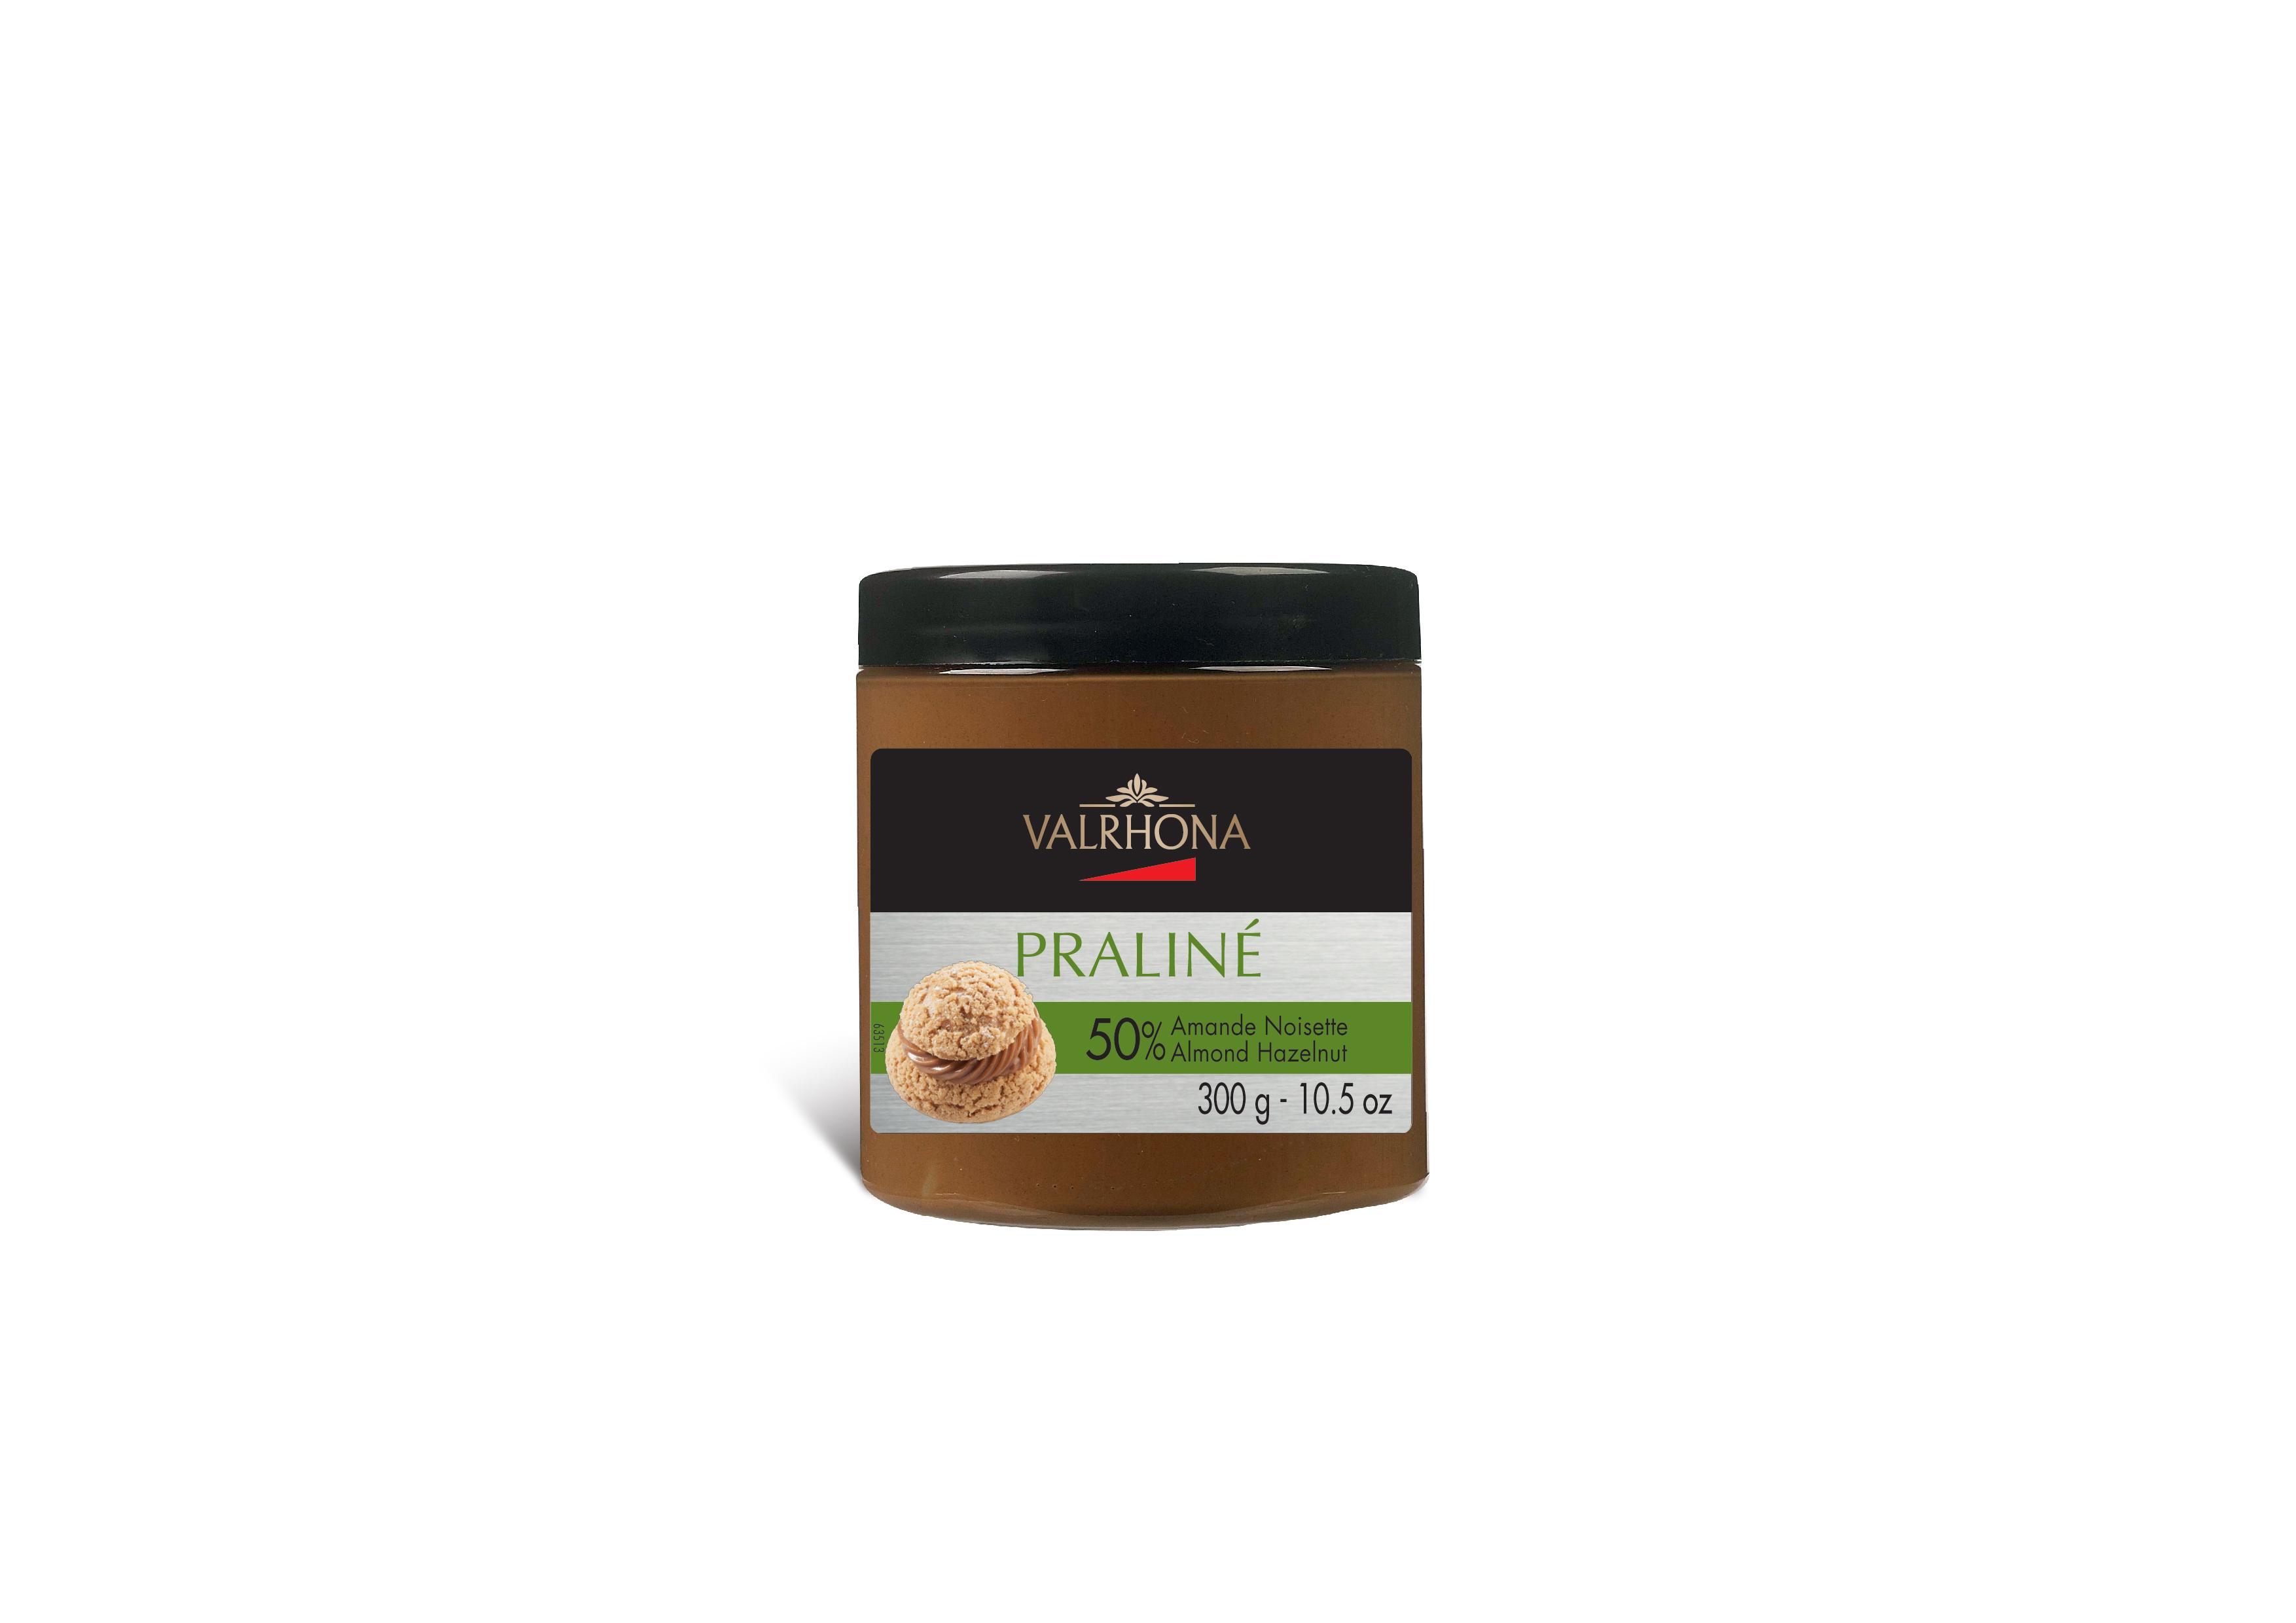 Praliné à 50% d'amandes et noisettes, Valrhona (300 g)